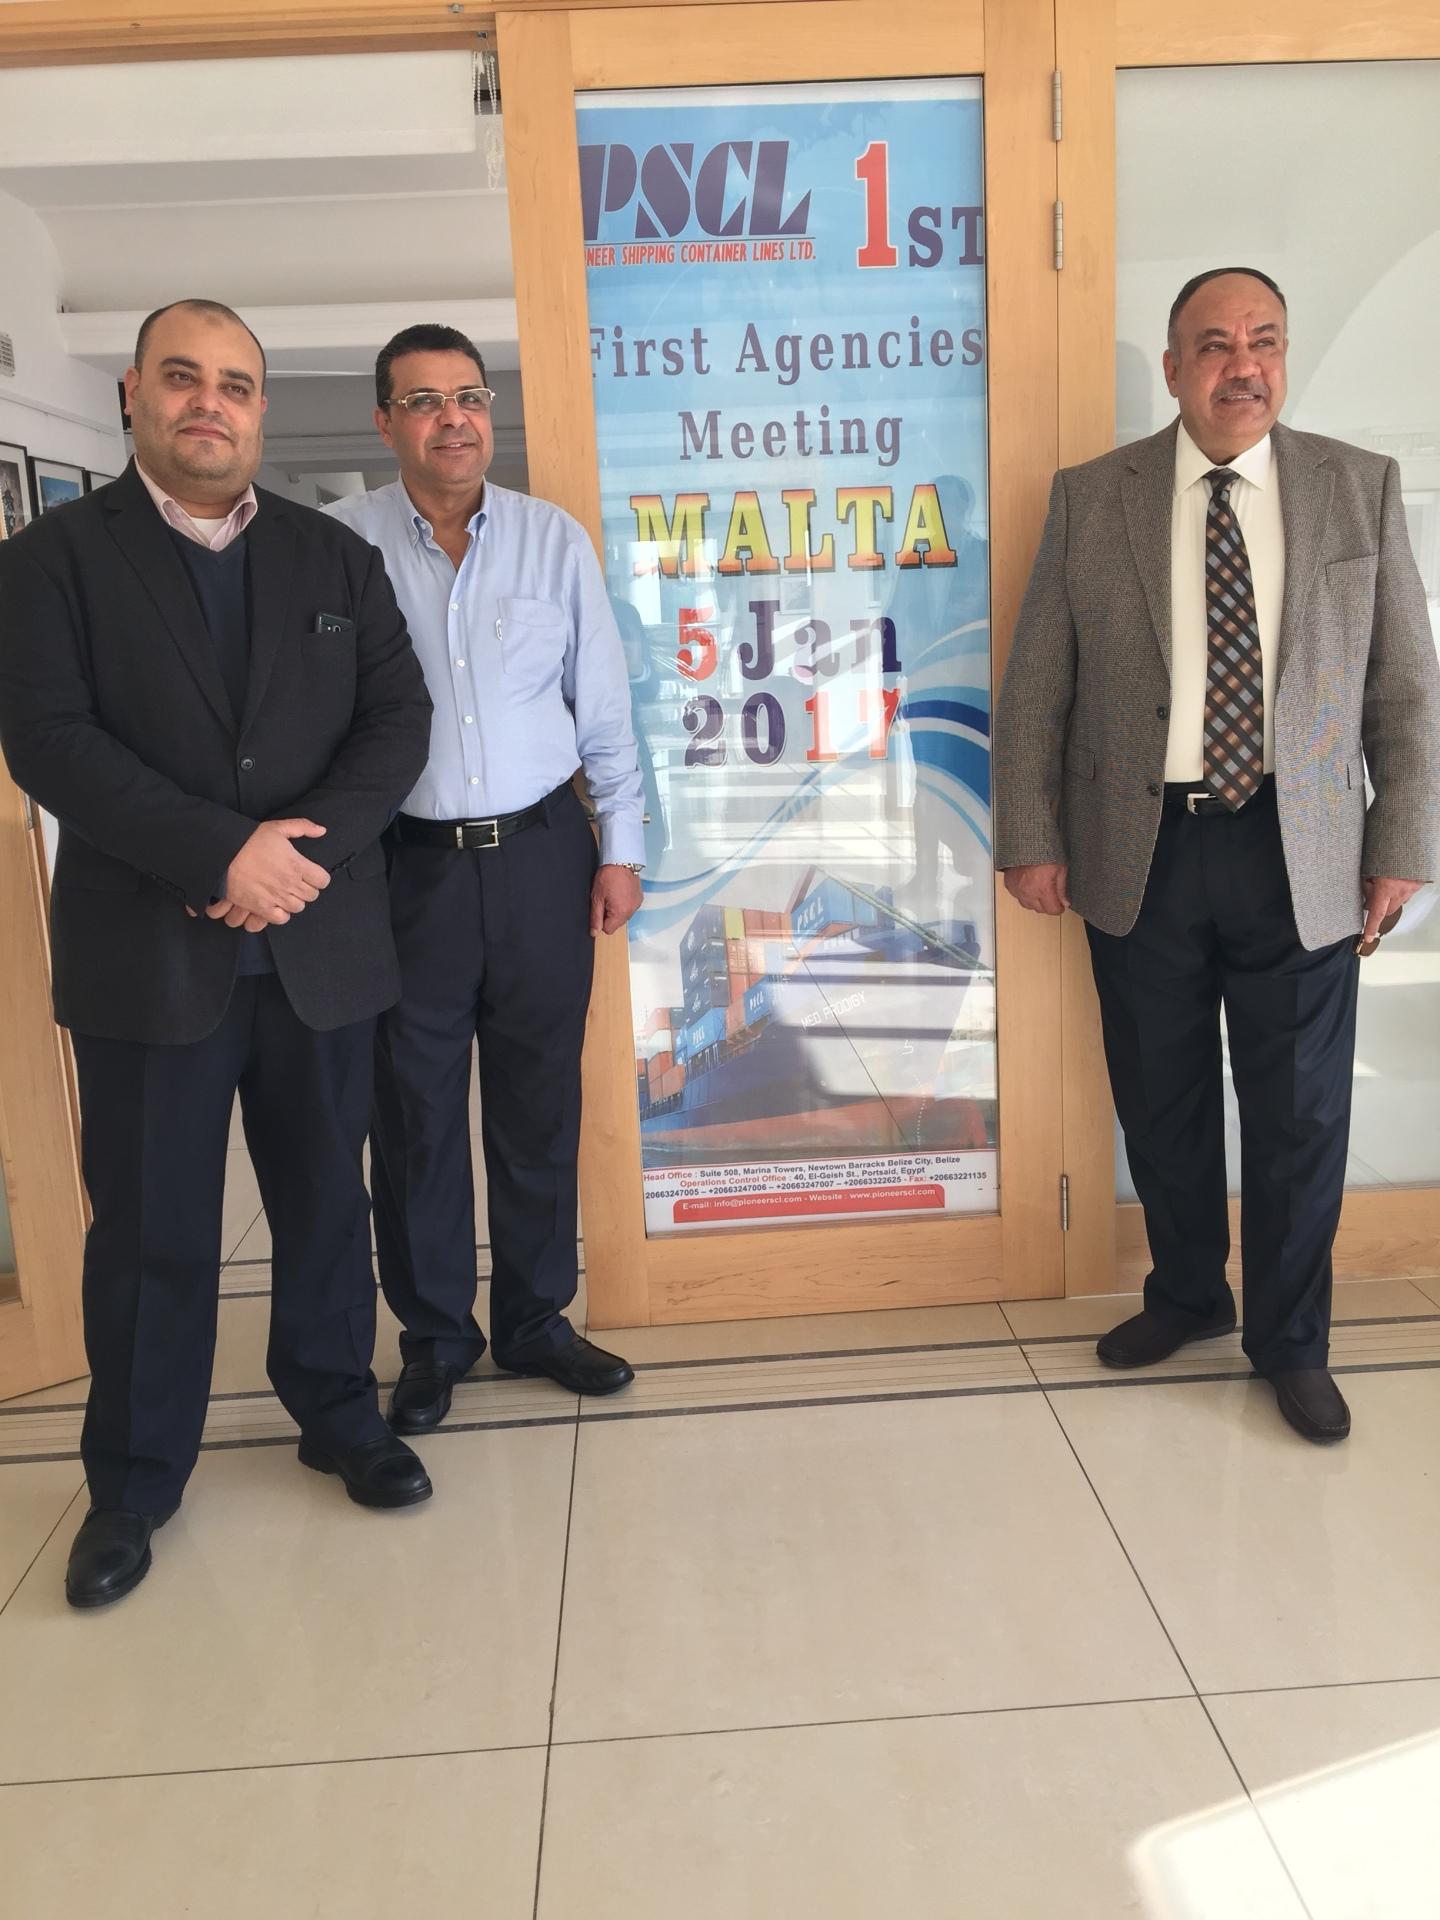 Pioneer first Agency Meeting in Malta